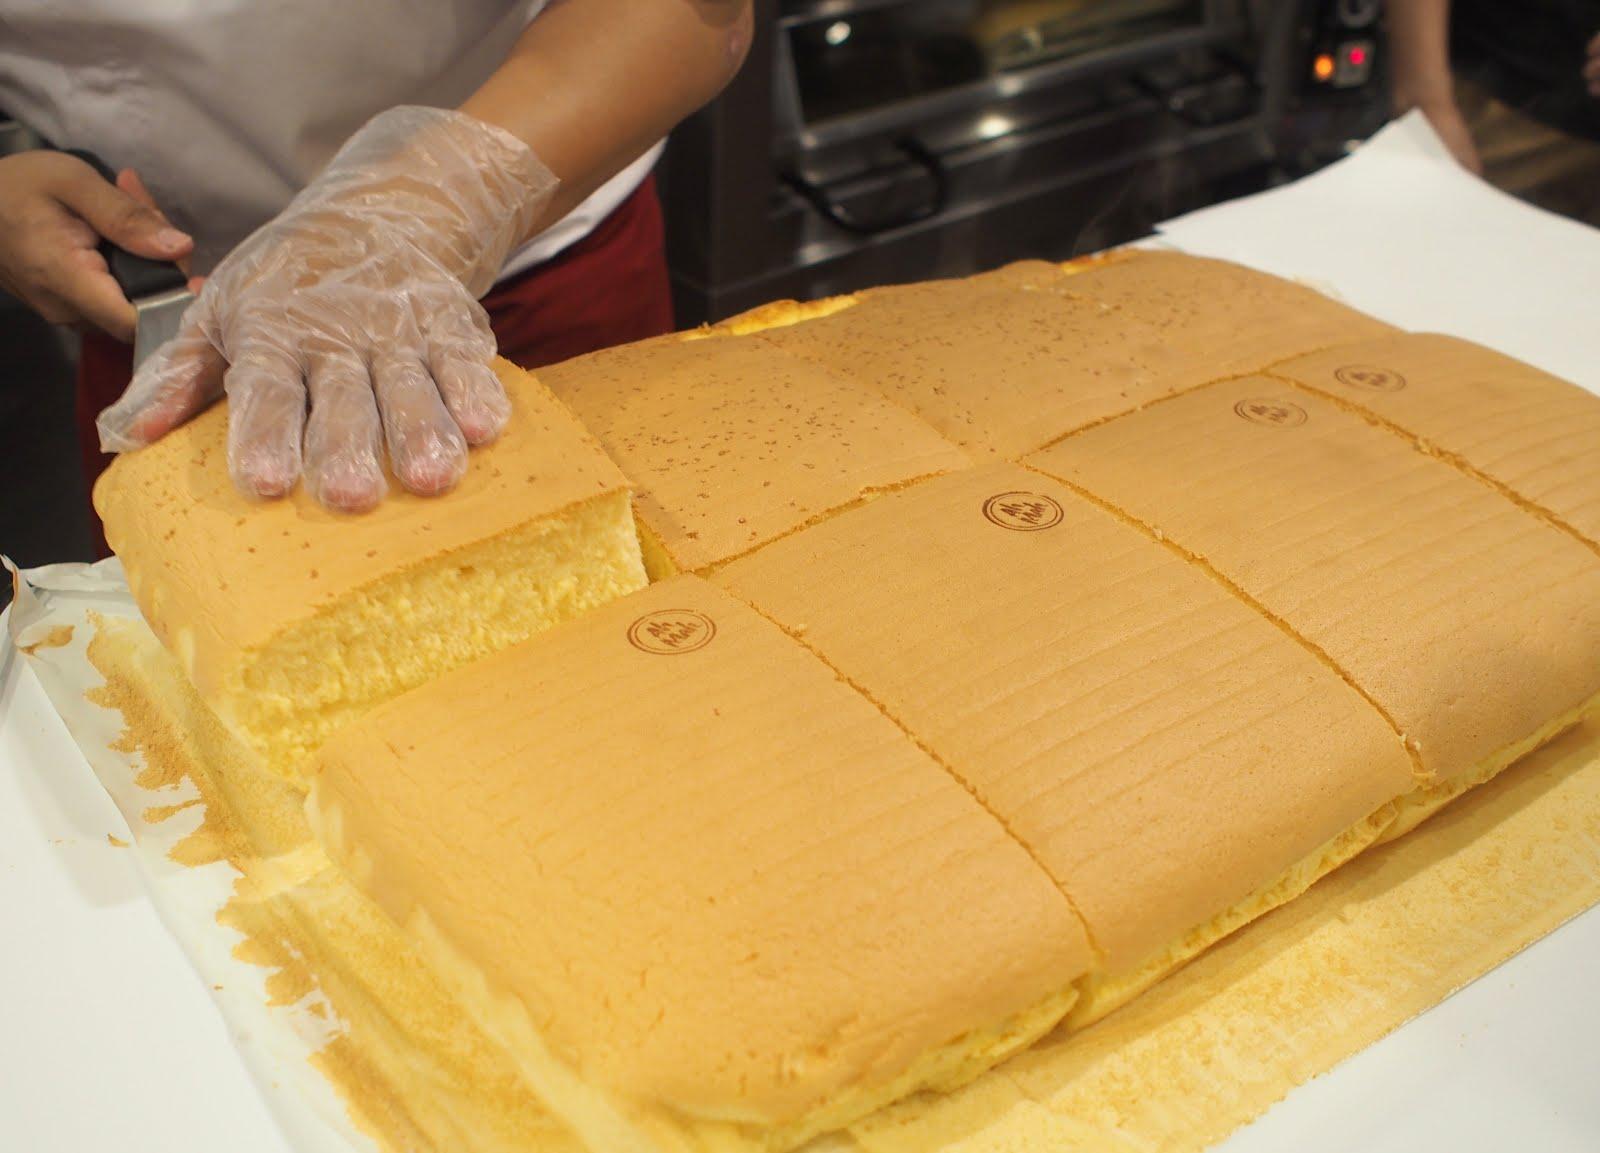 Ah Mah Jiggly Cake Recipe